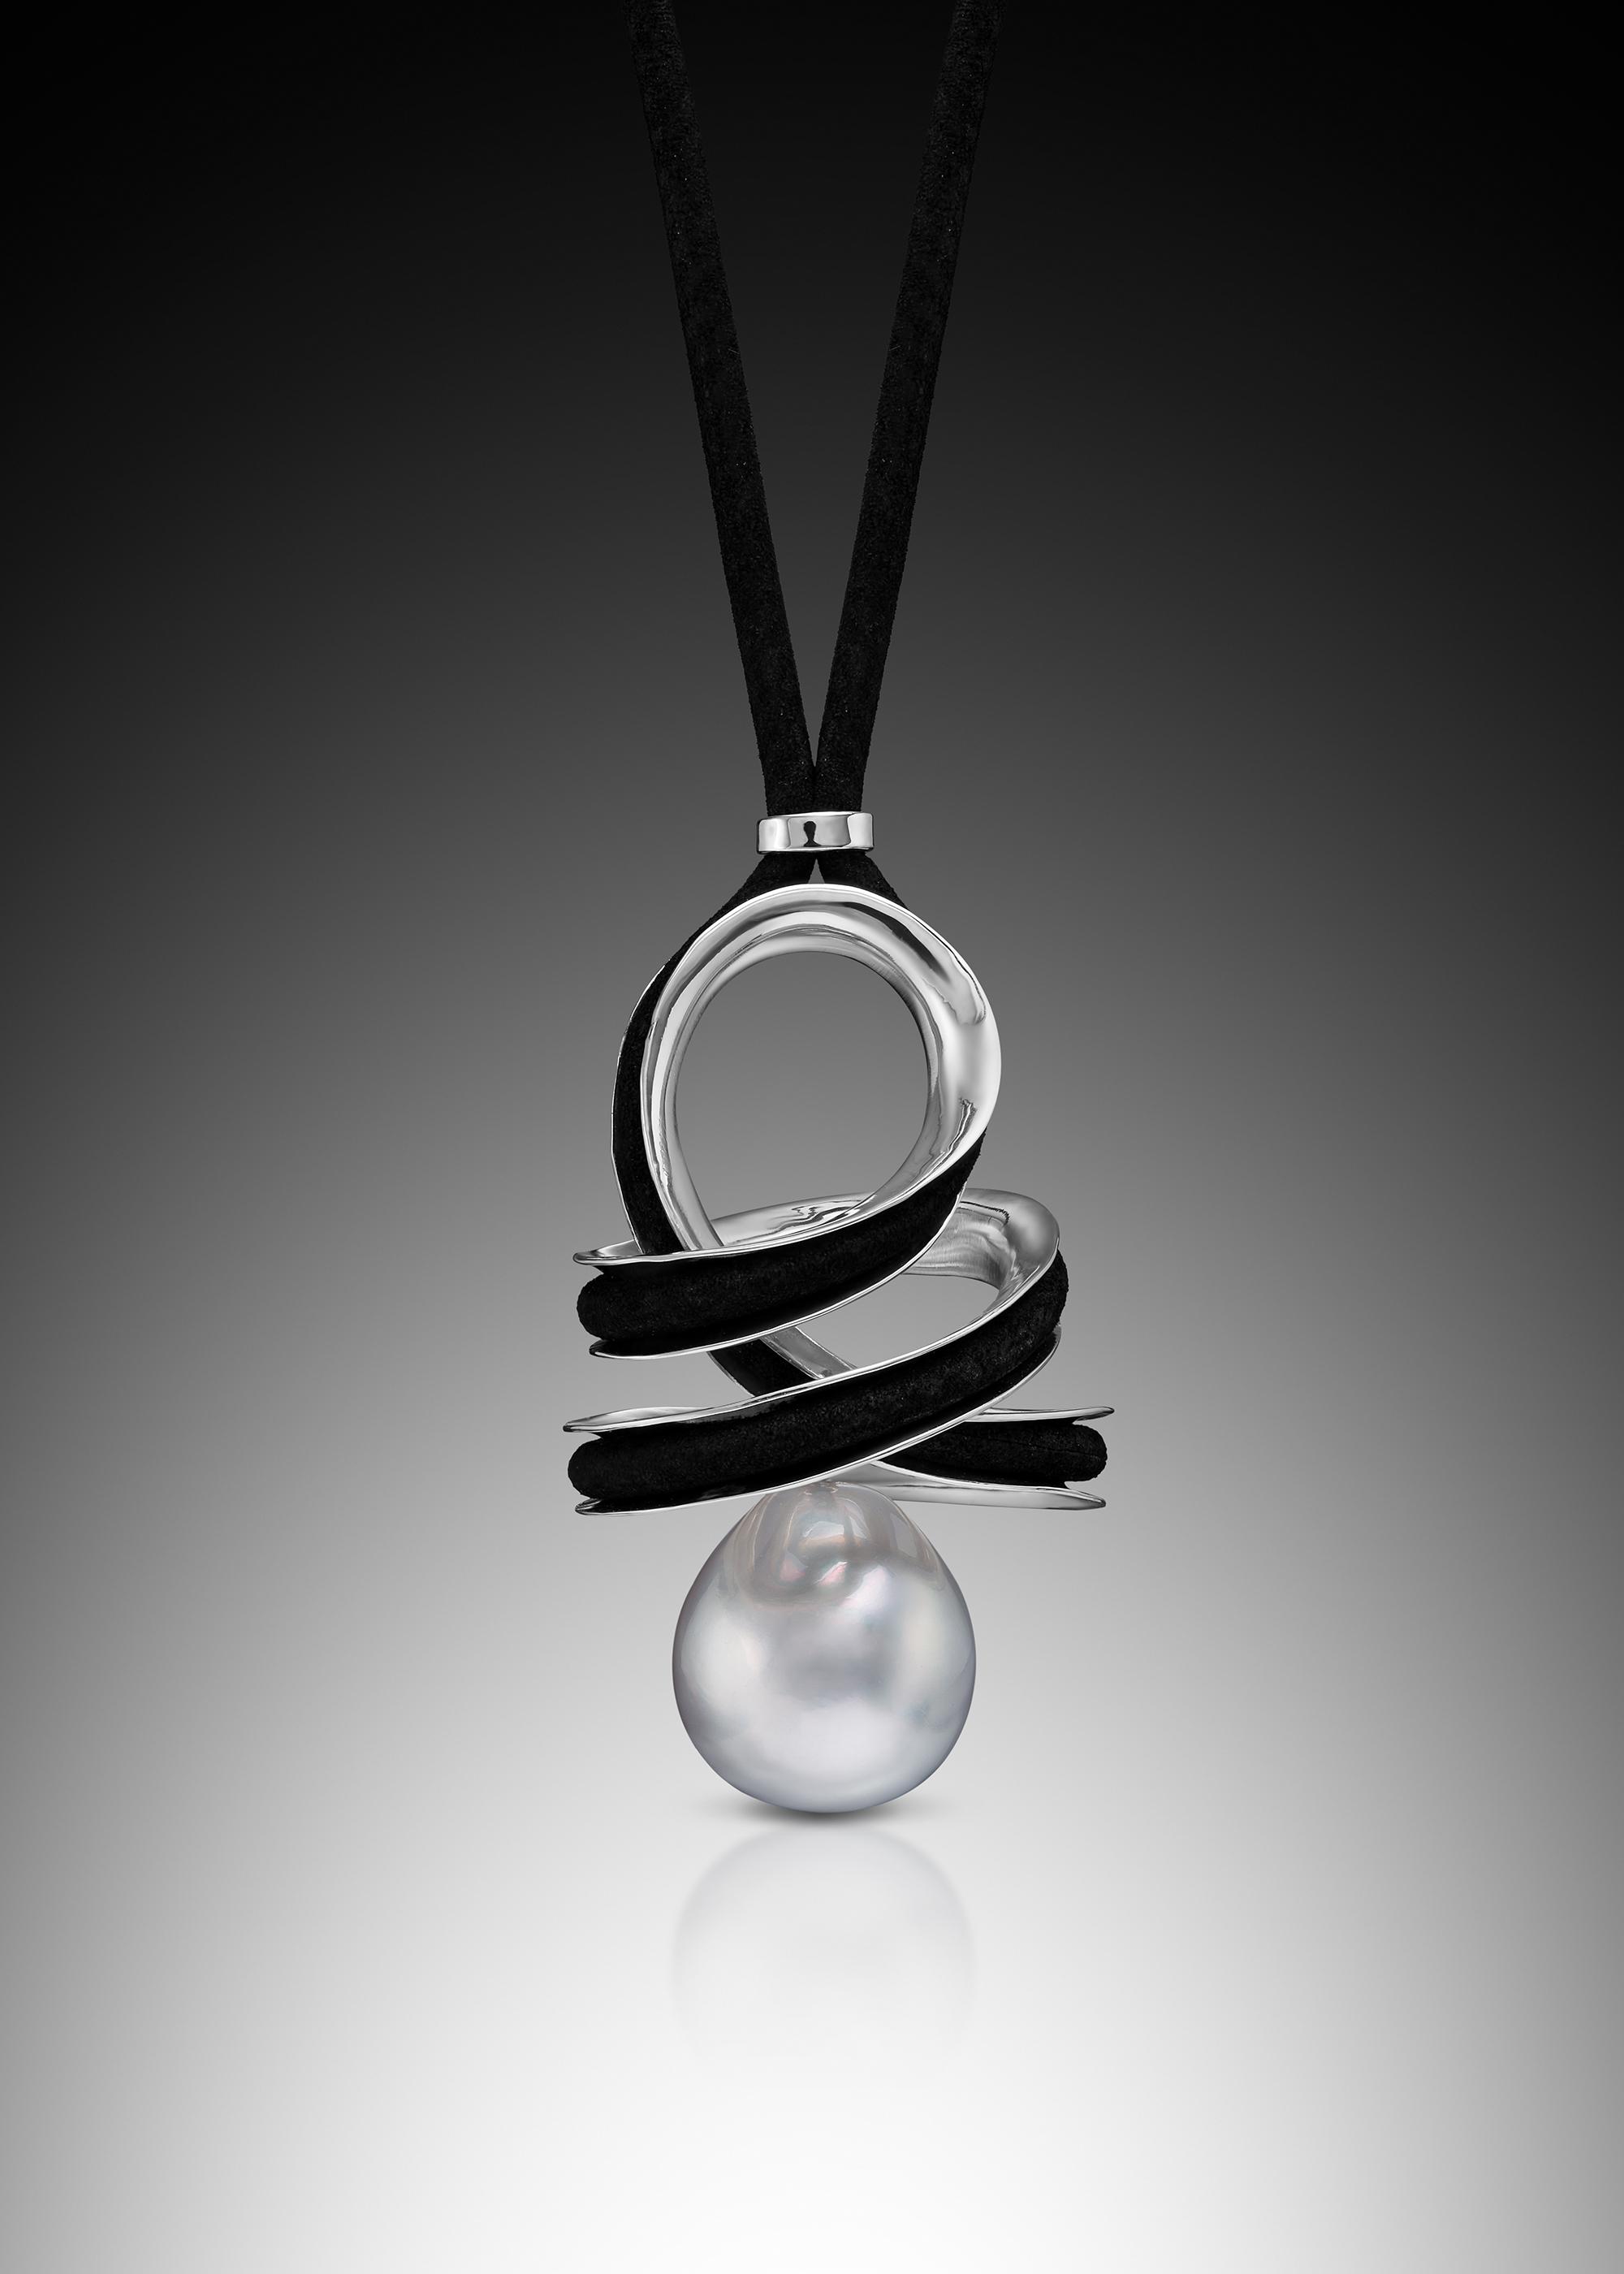 Timo Krapf's design of pearl